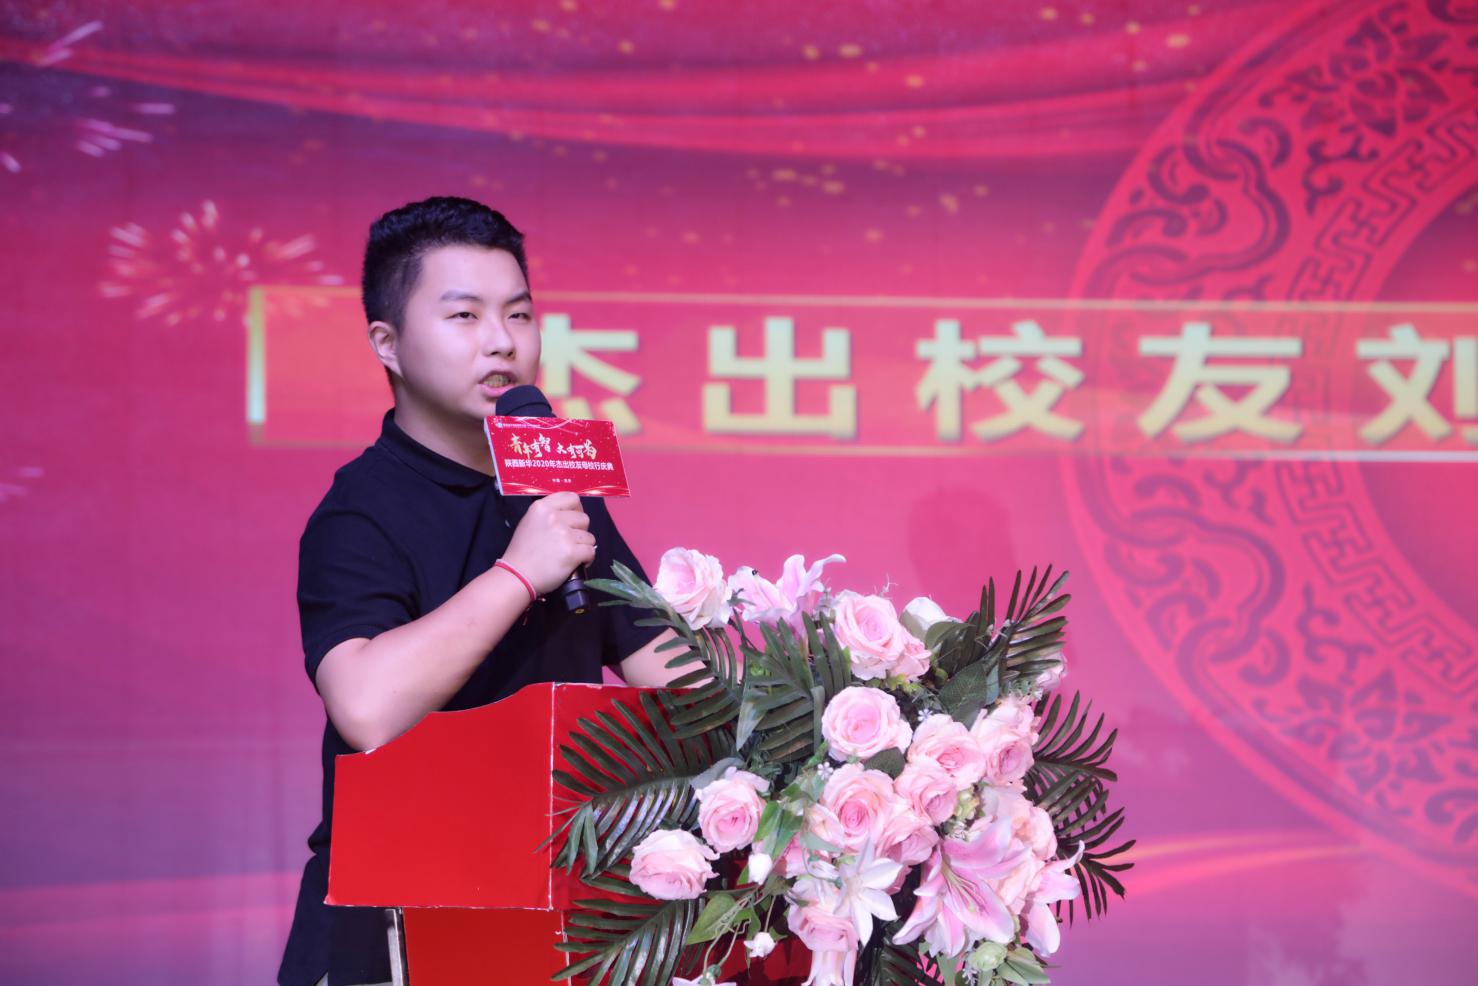 【好学校好未来】新华17岁CEO  捐赠10万元支援家乡抗疫